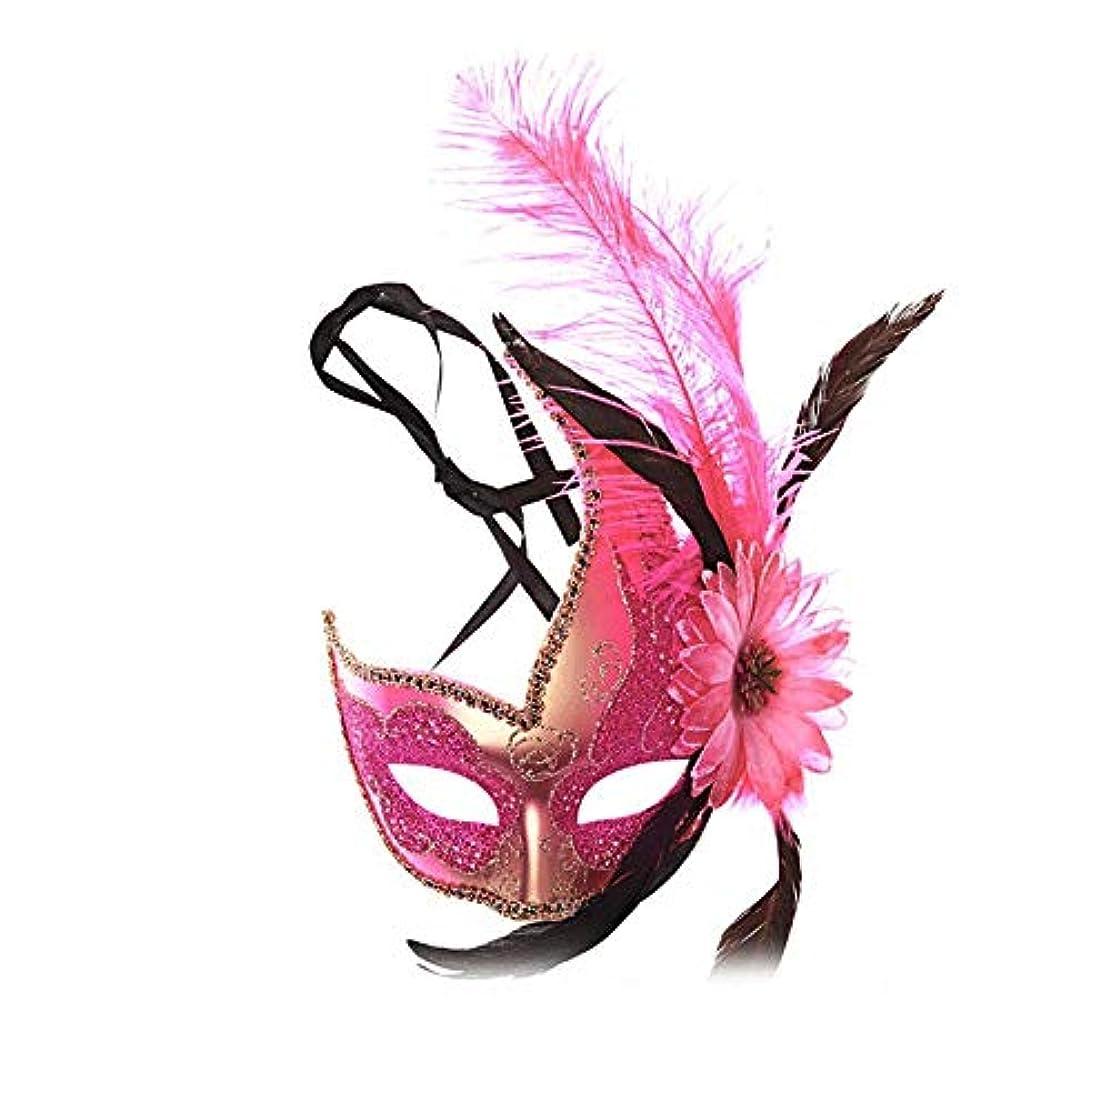 期待プットポインタNanle ハロウィンマスクハーフフェザーマスクベニスプリンセスマスク美容レース仮面ライダーコスプレ (色 : Style B rose red)